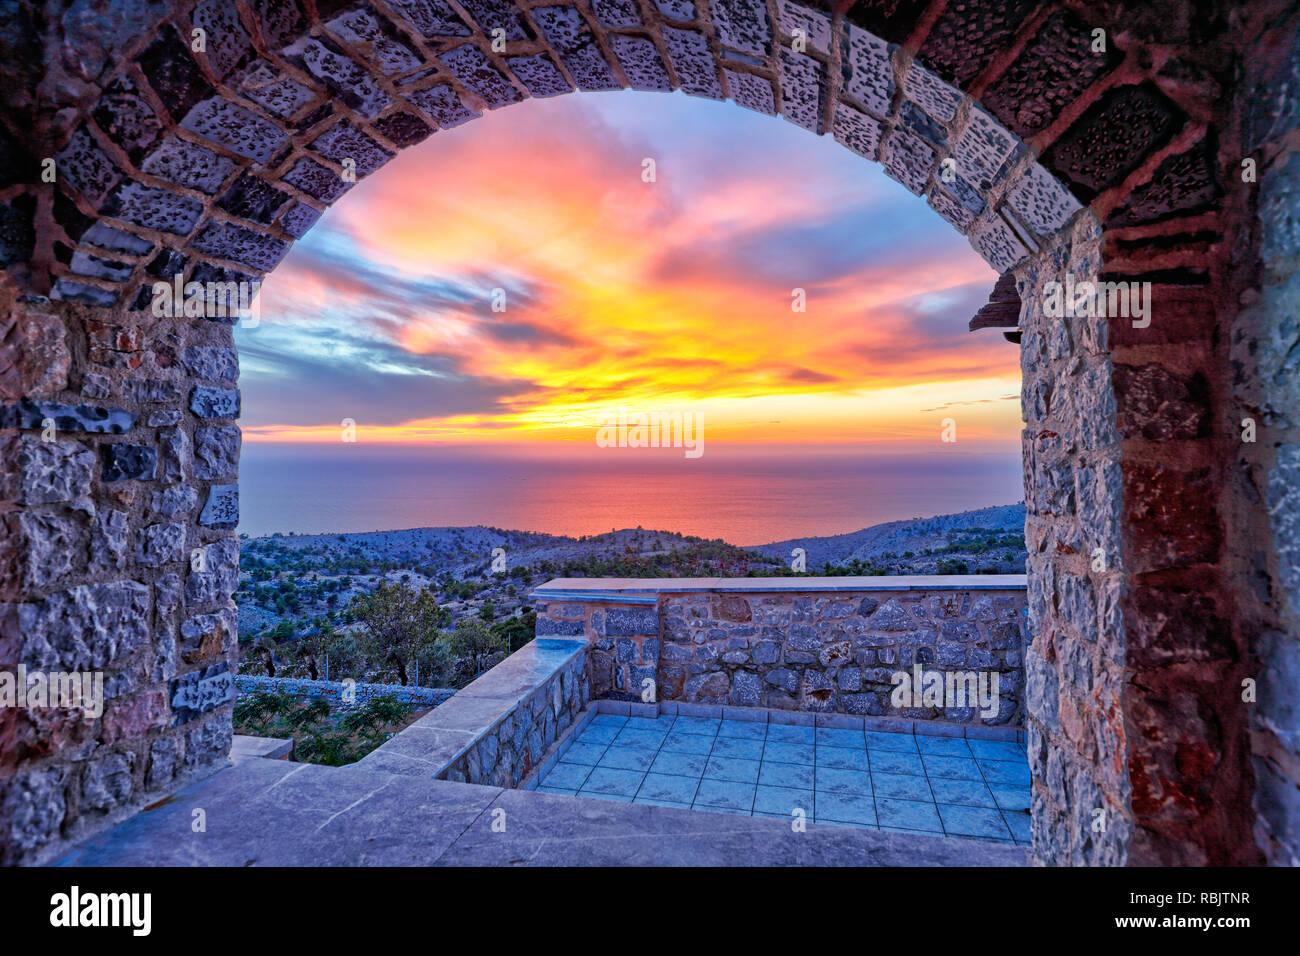 Le coucher de soleil depuis le village de mastic médiévale Avgonyma sur l'île de Chios, Grèce Banque D'Images